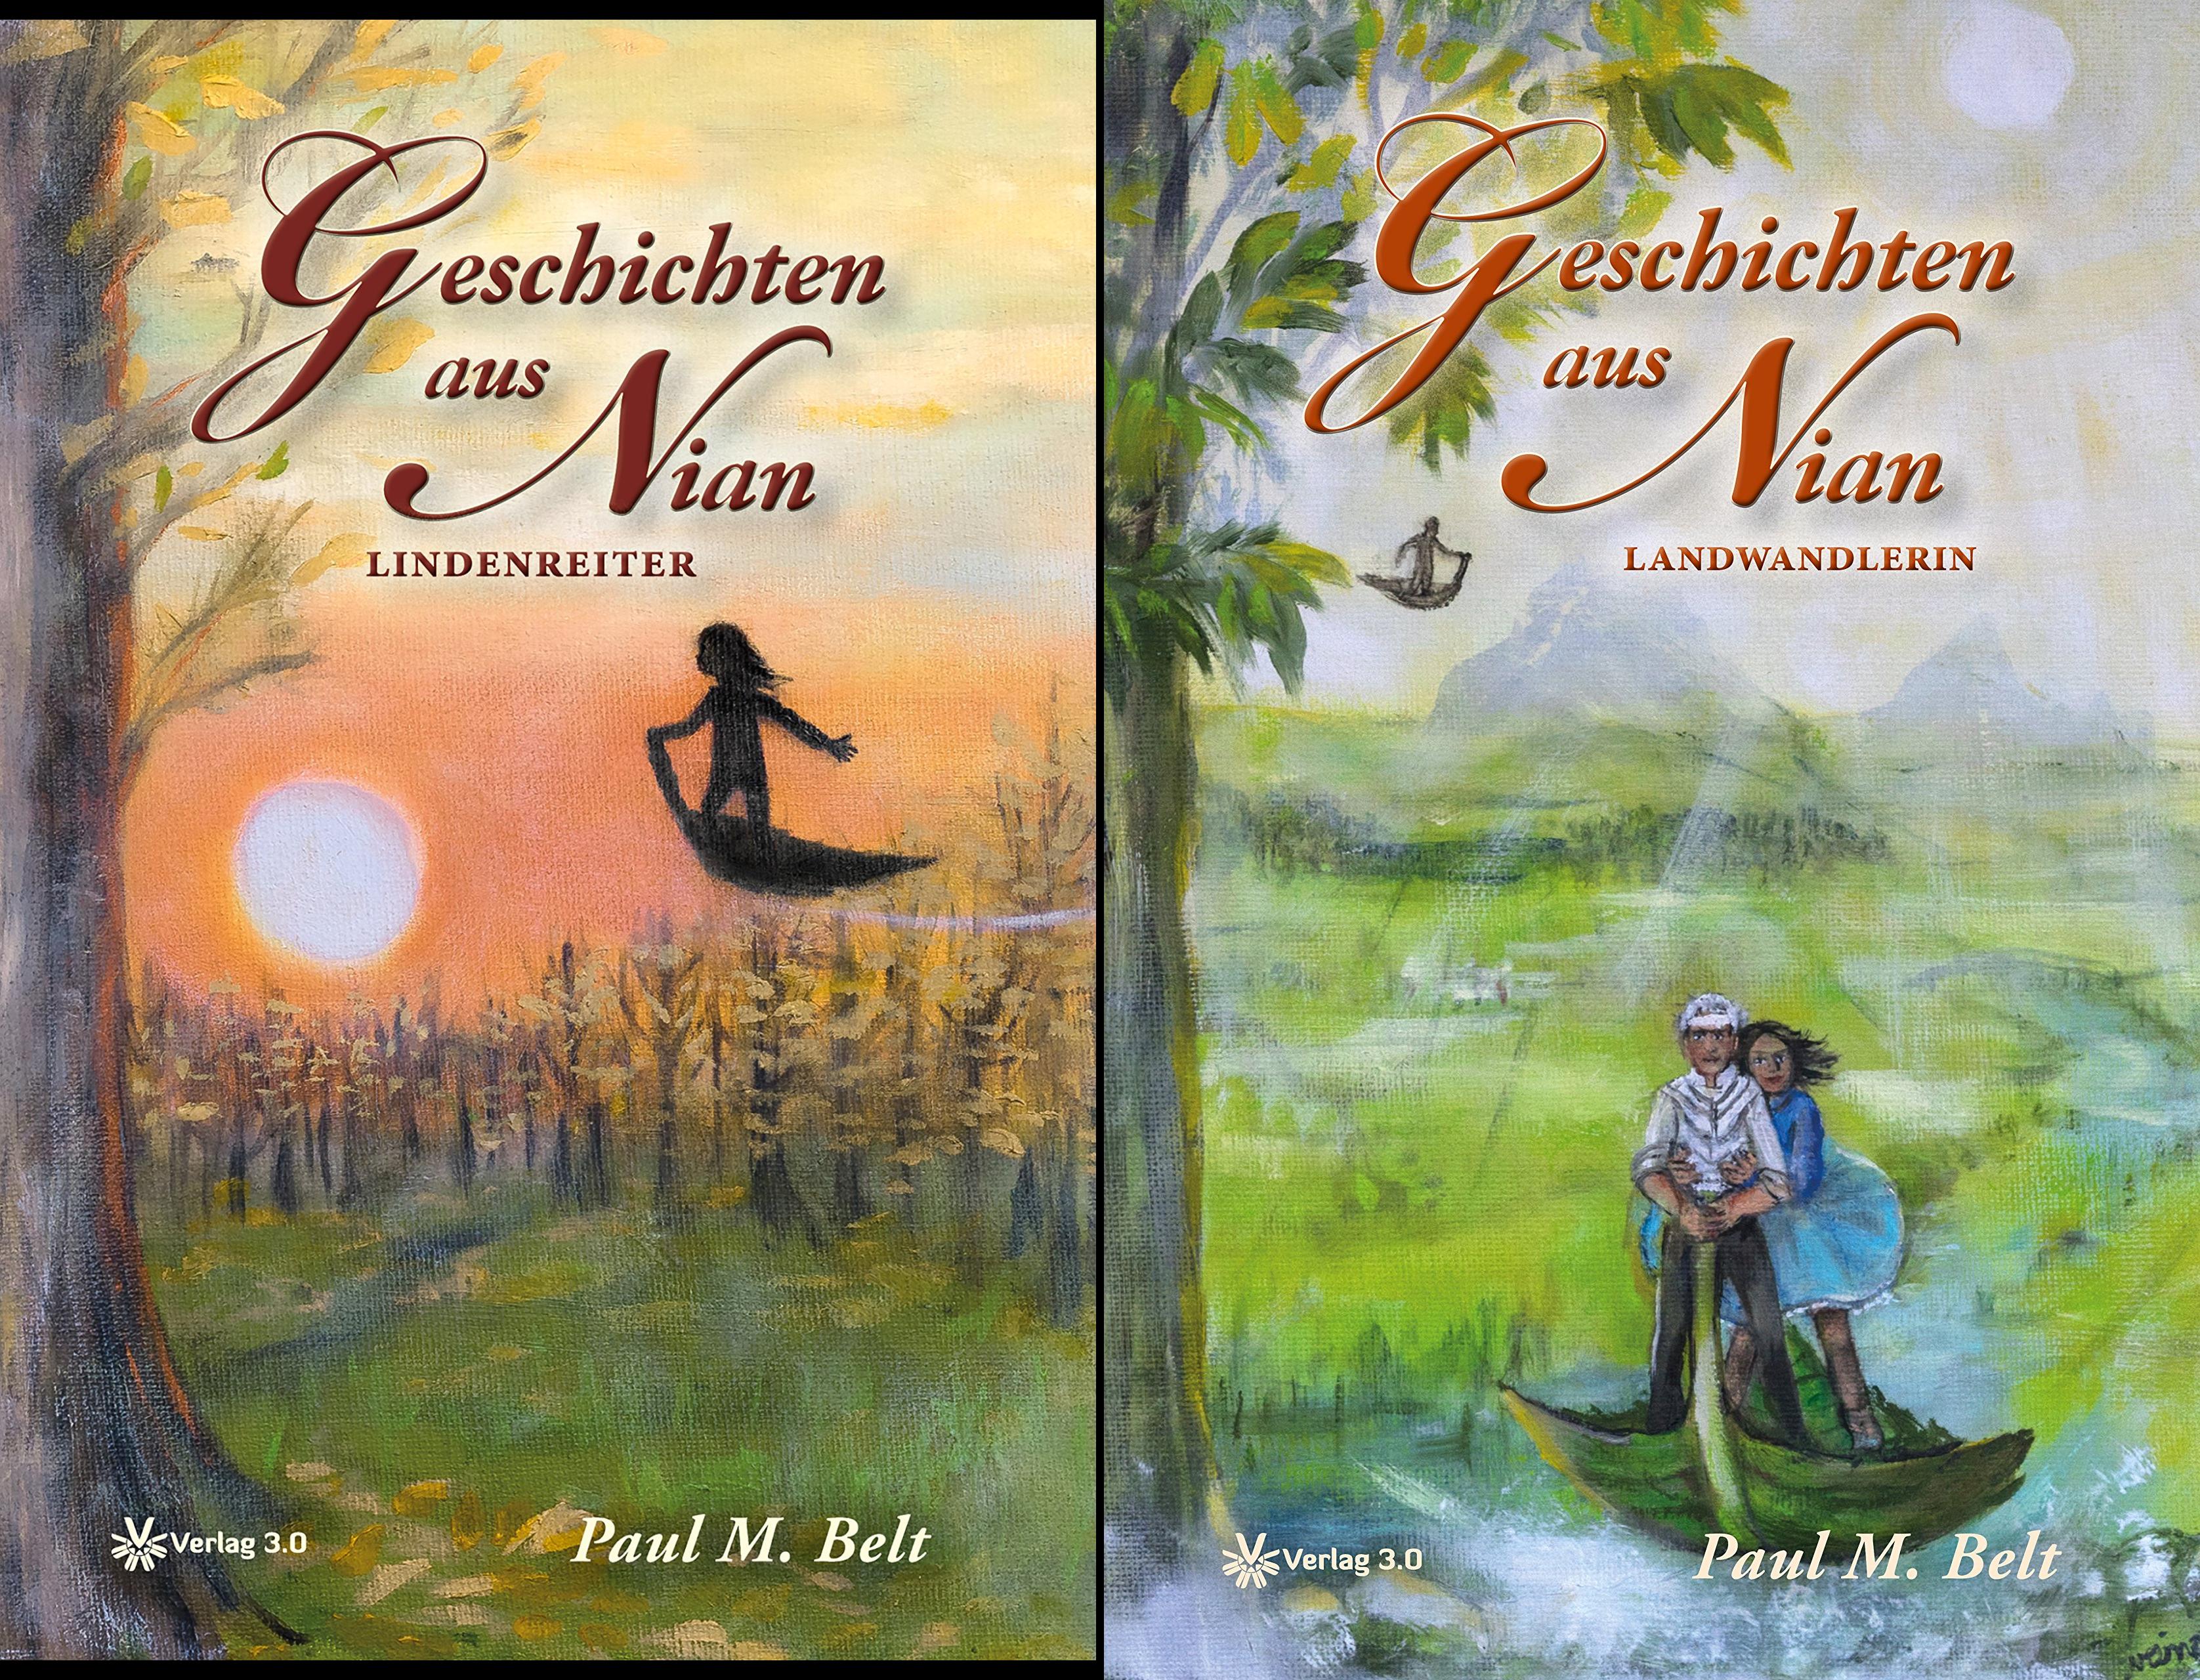 Geschichten aus Nian (Reihe in 2 Bänden)